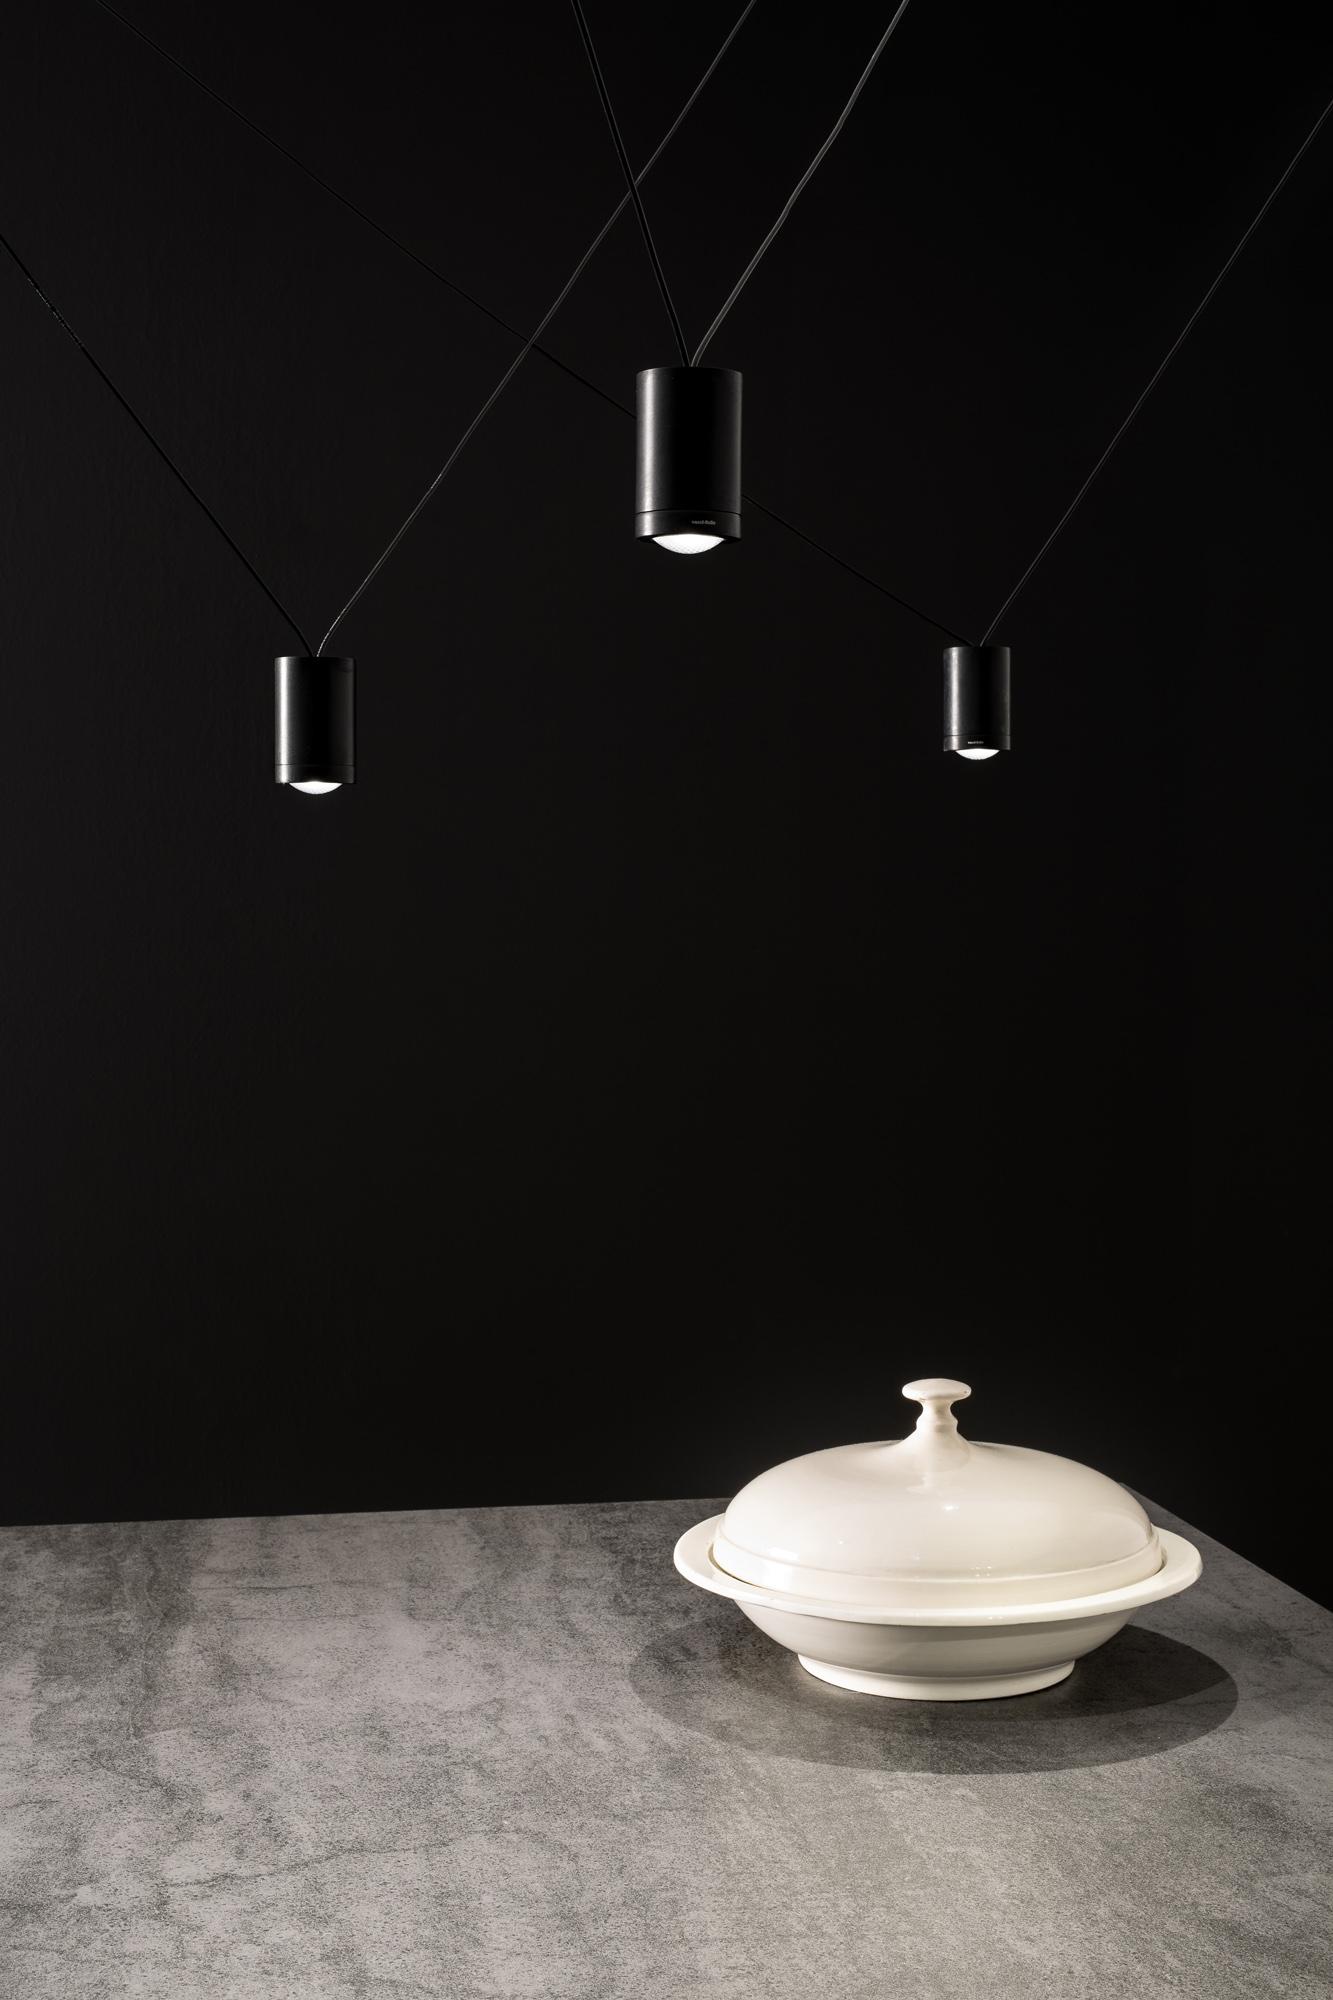 Vesoi Подвесной светильник M.T.O. от итальянского бренда Vesoi